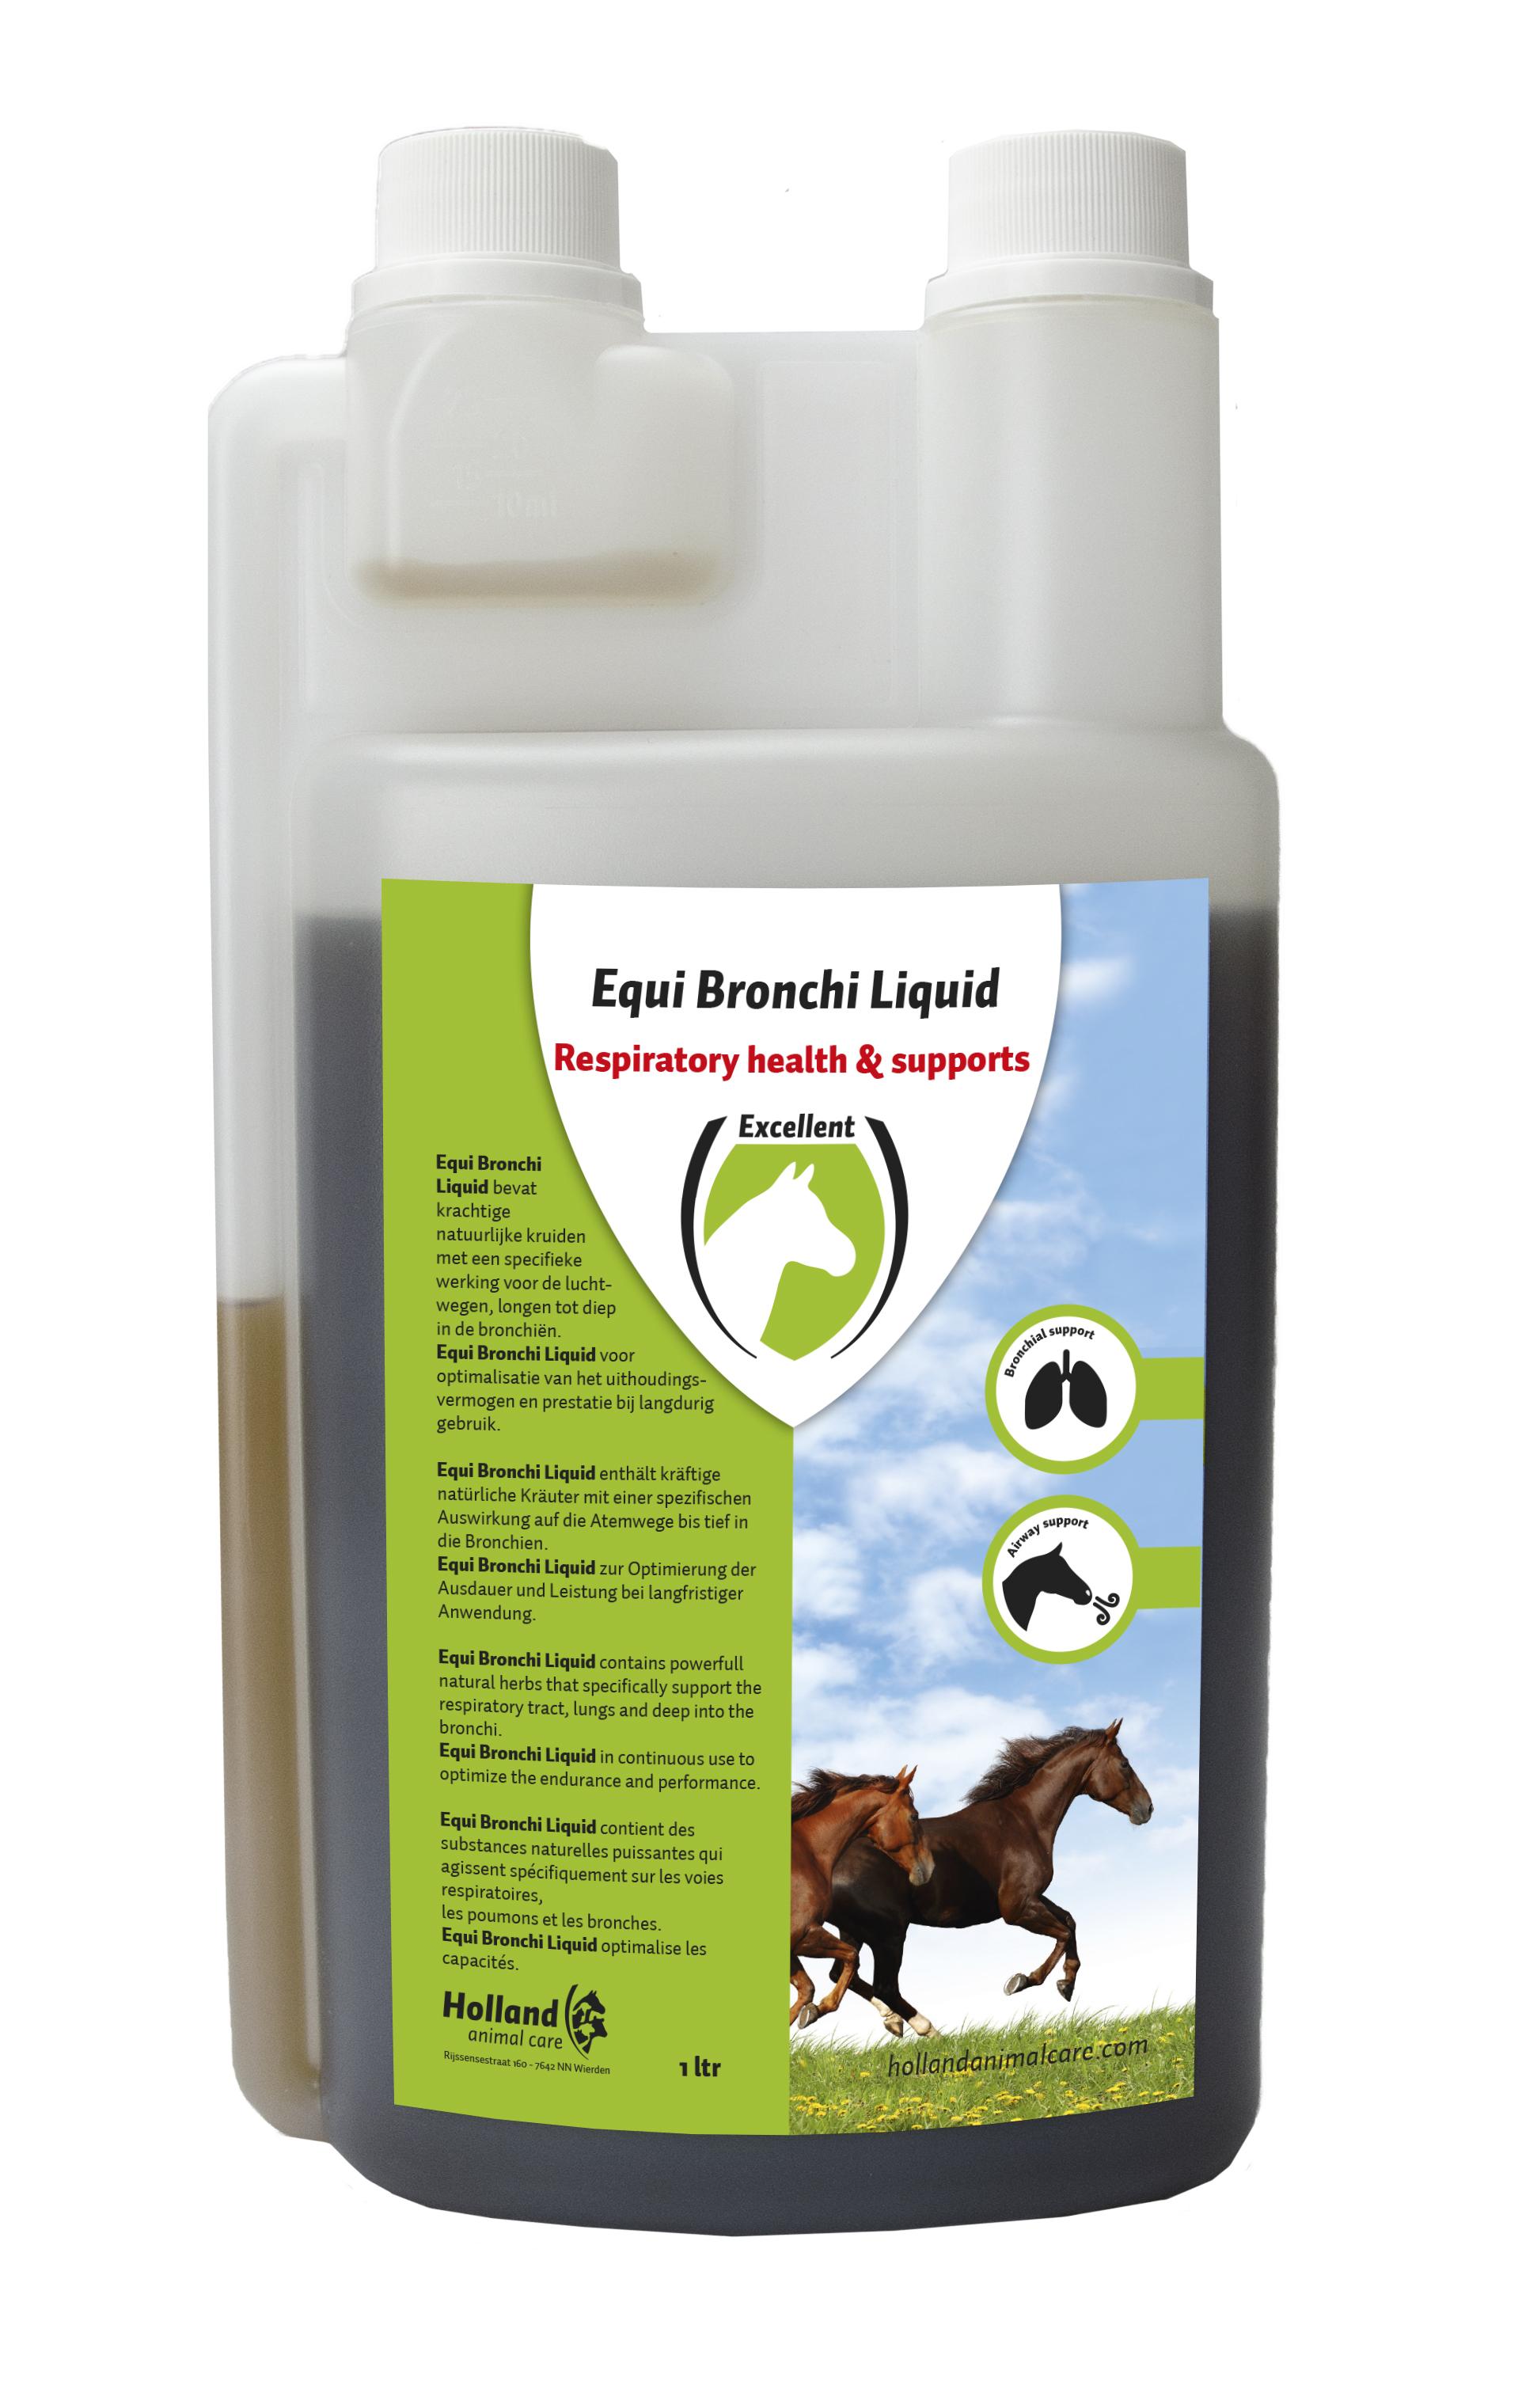 Equi Bronchi Liquid